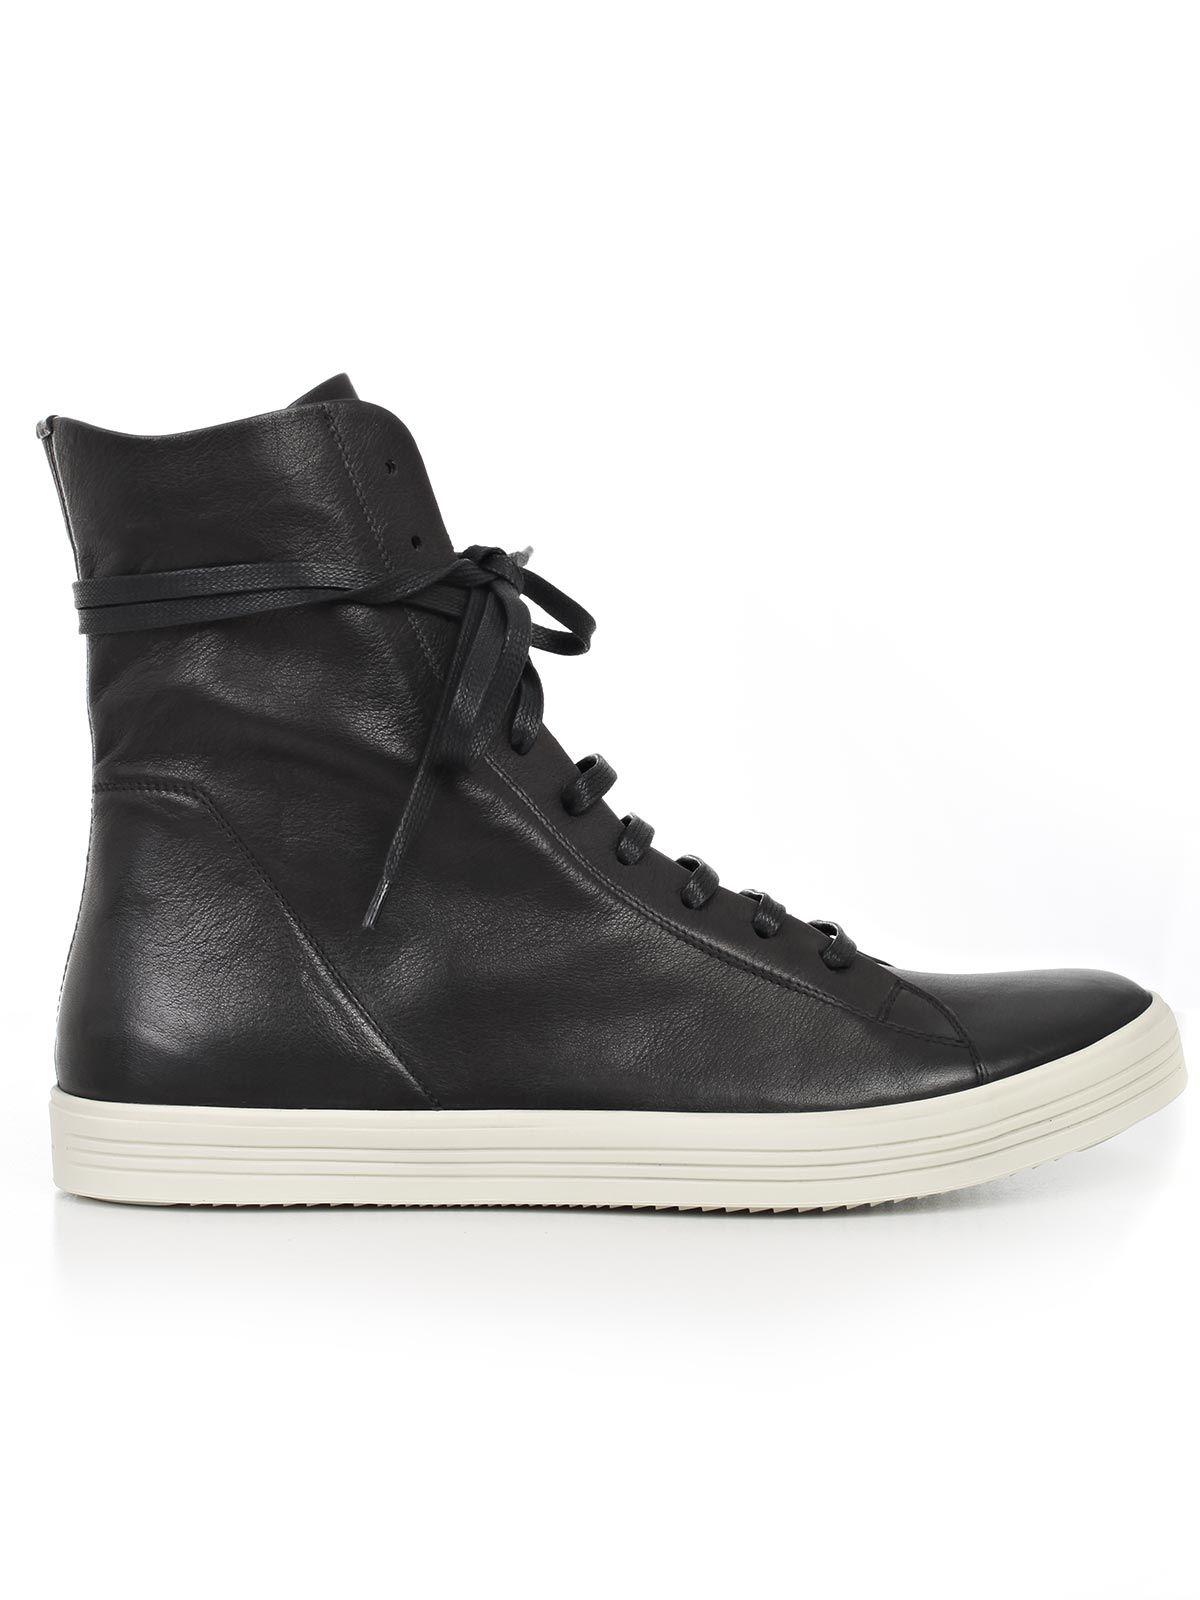 rick owens rick owens sneakers black men 39 s sneakers italist. Black Bedroom Furniture Sets. Home Design Ideas